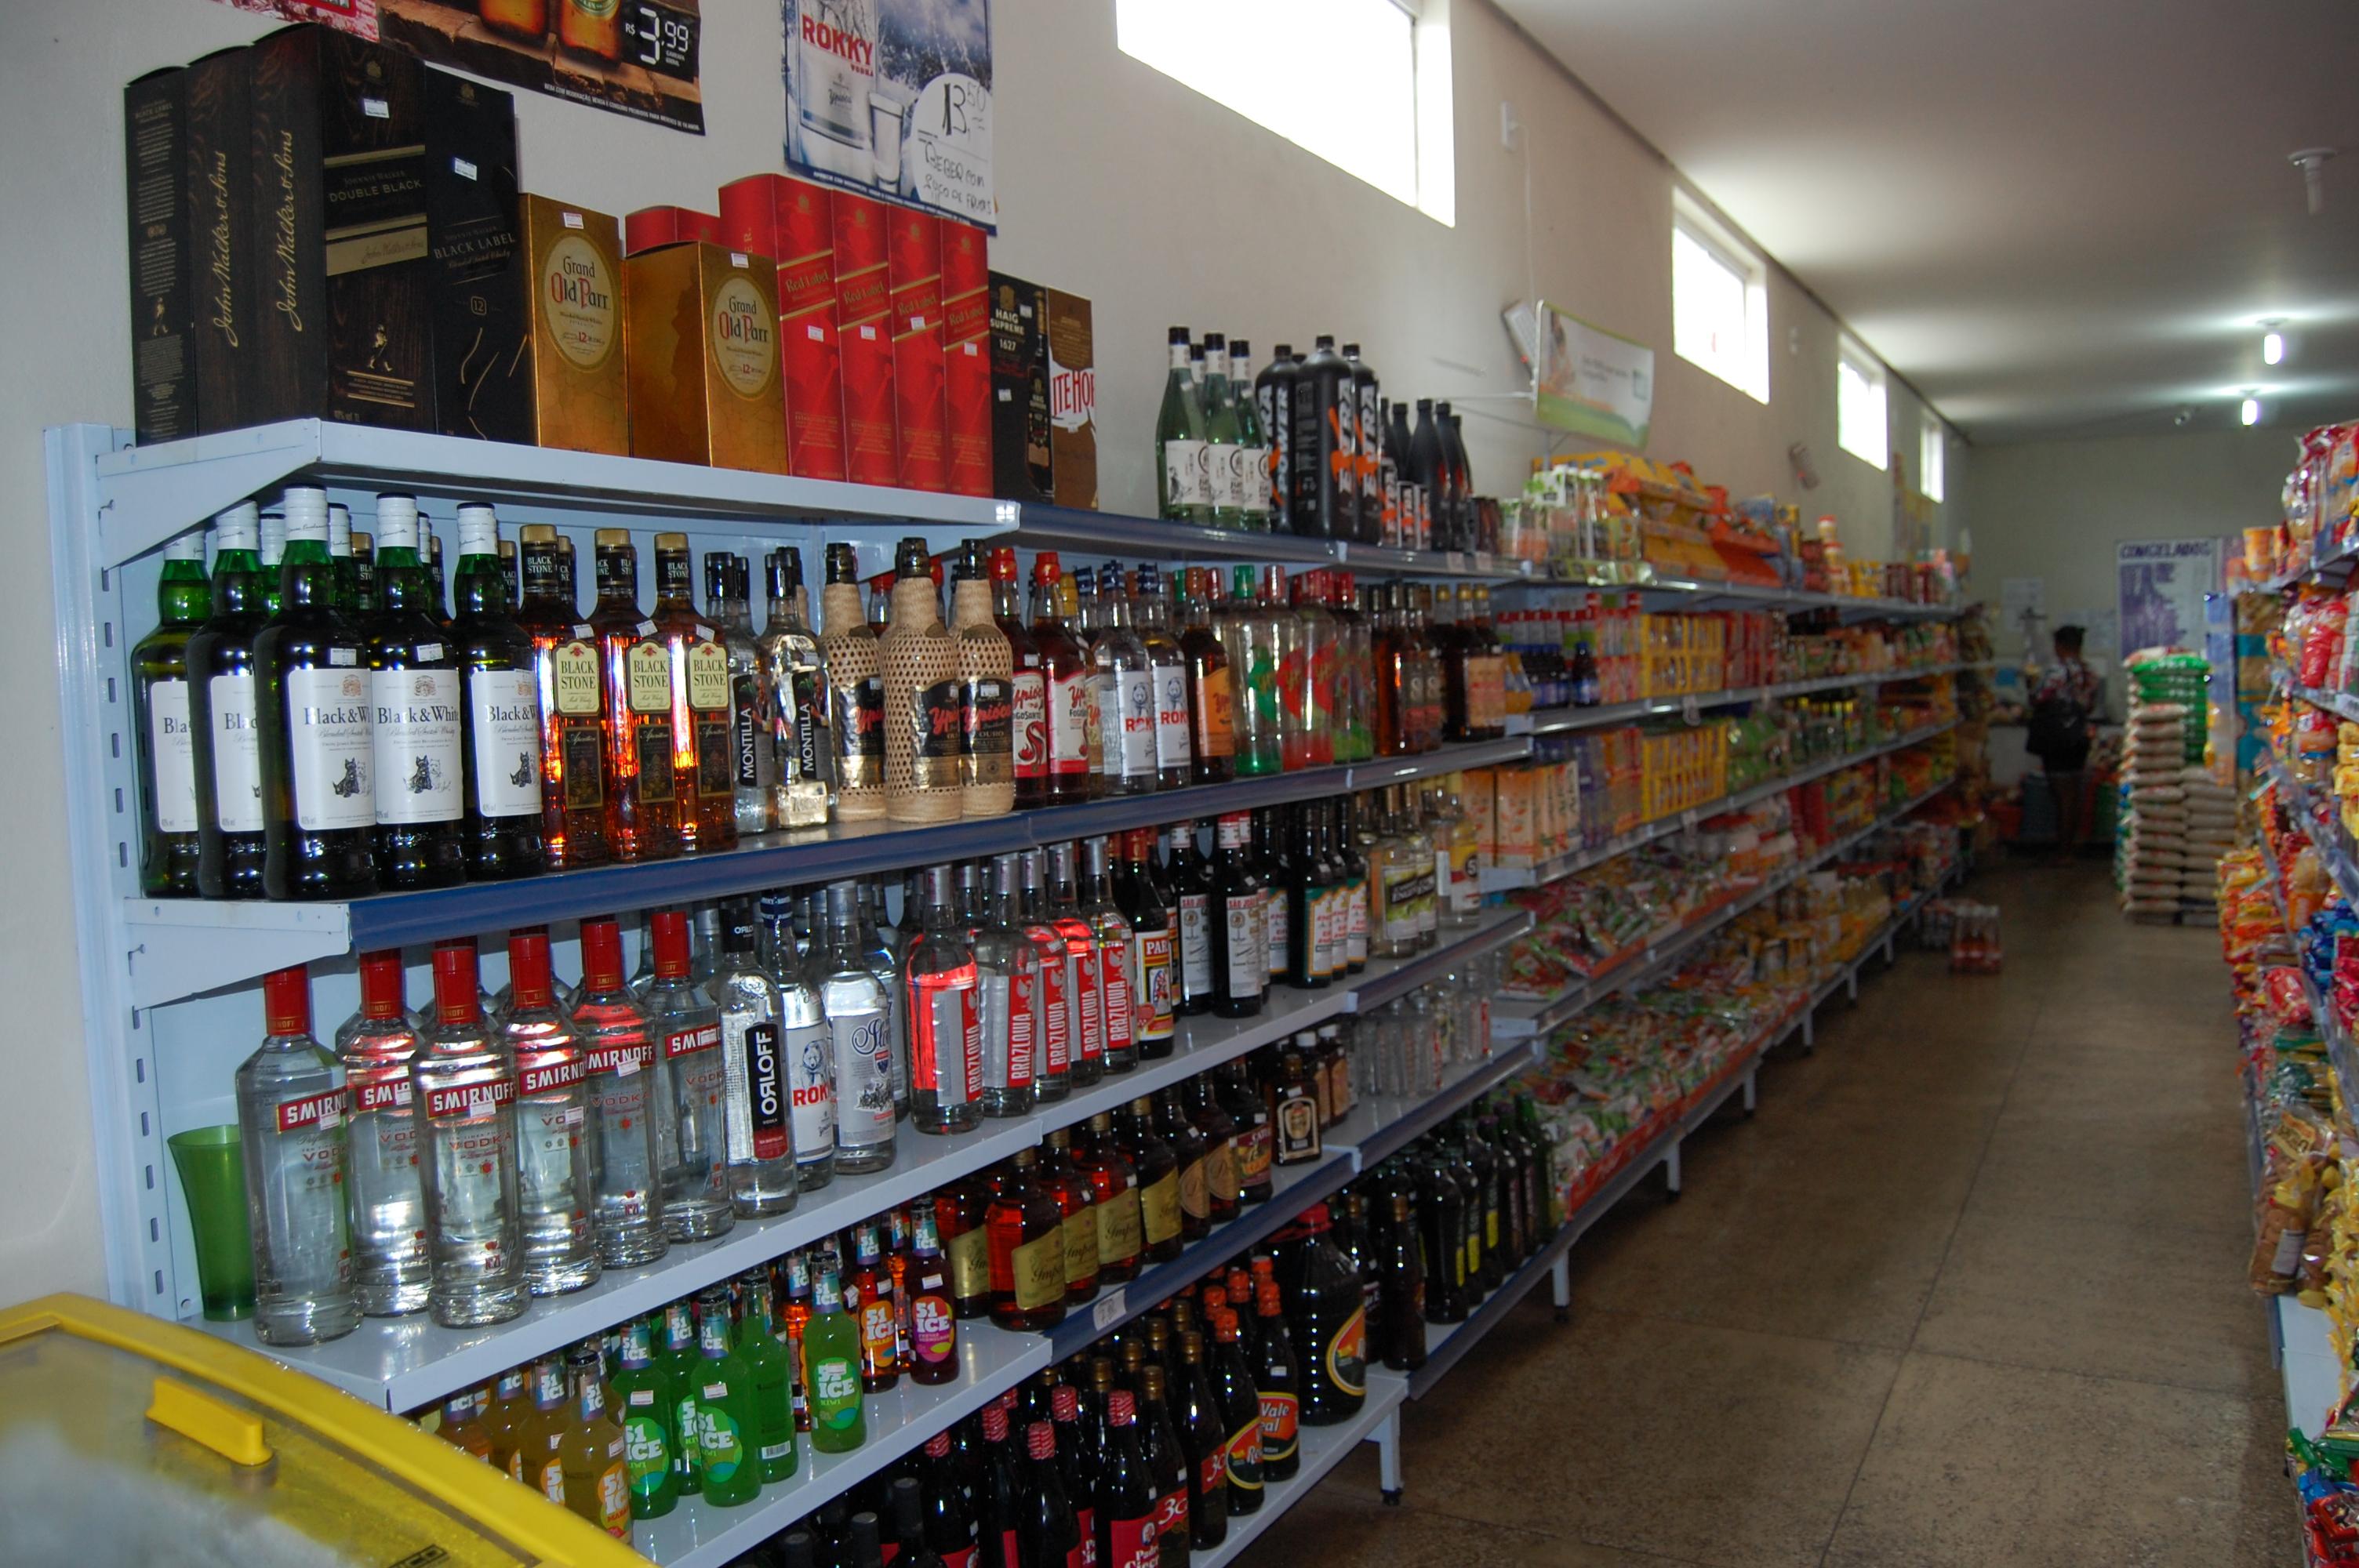 Supermercado Martins (17)